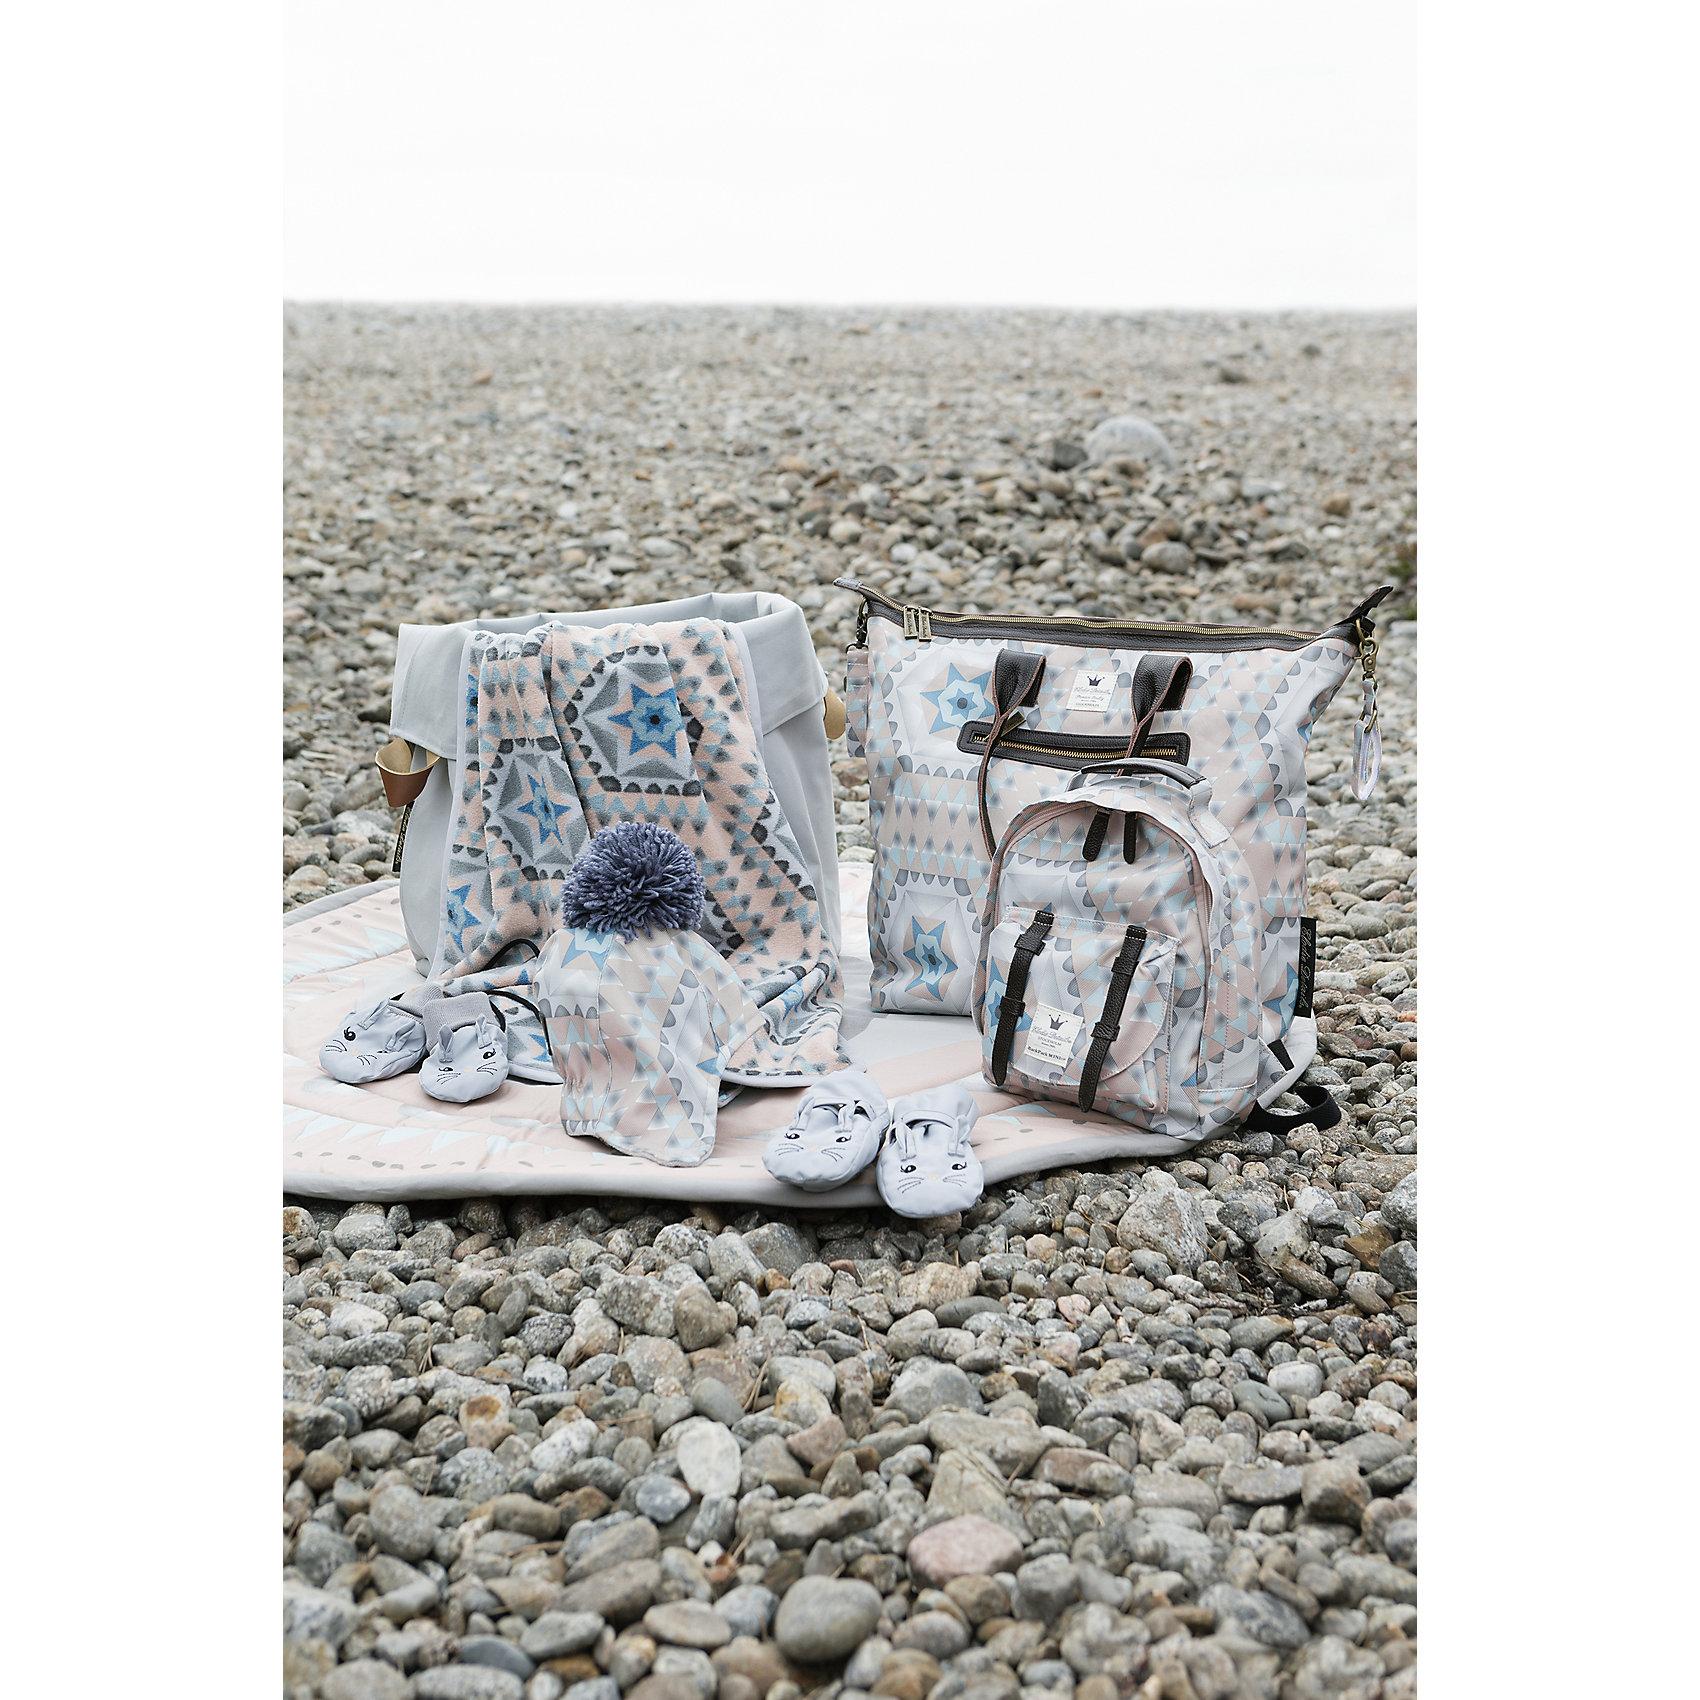 Сумка для мамы  Bedouin Stories, Elodie Details